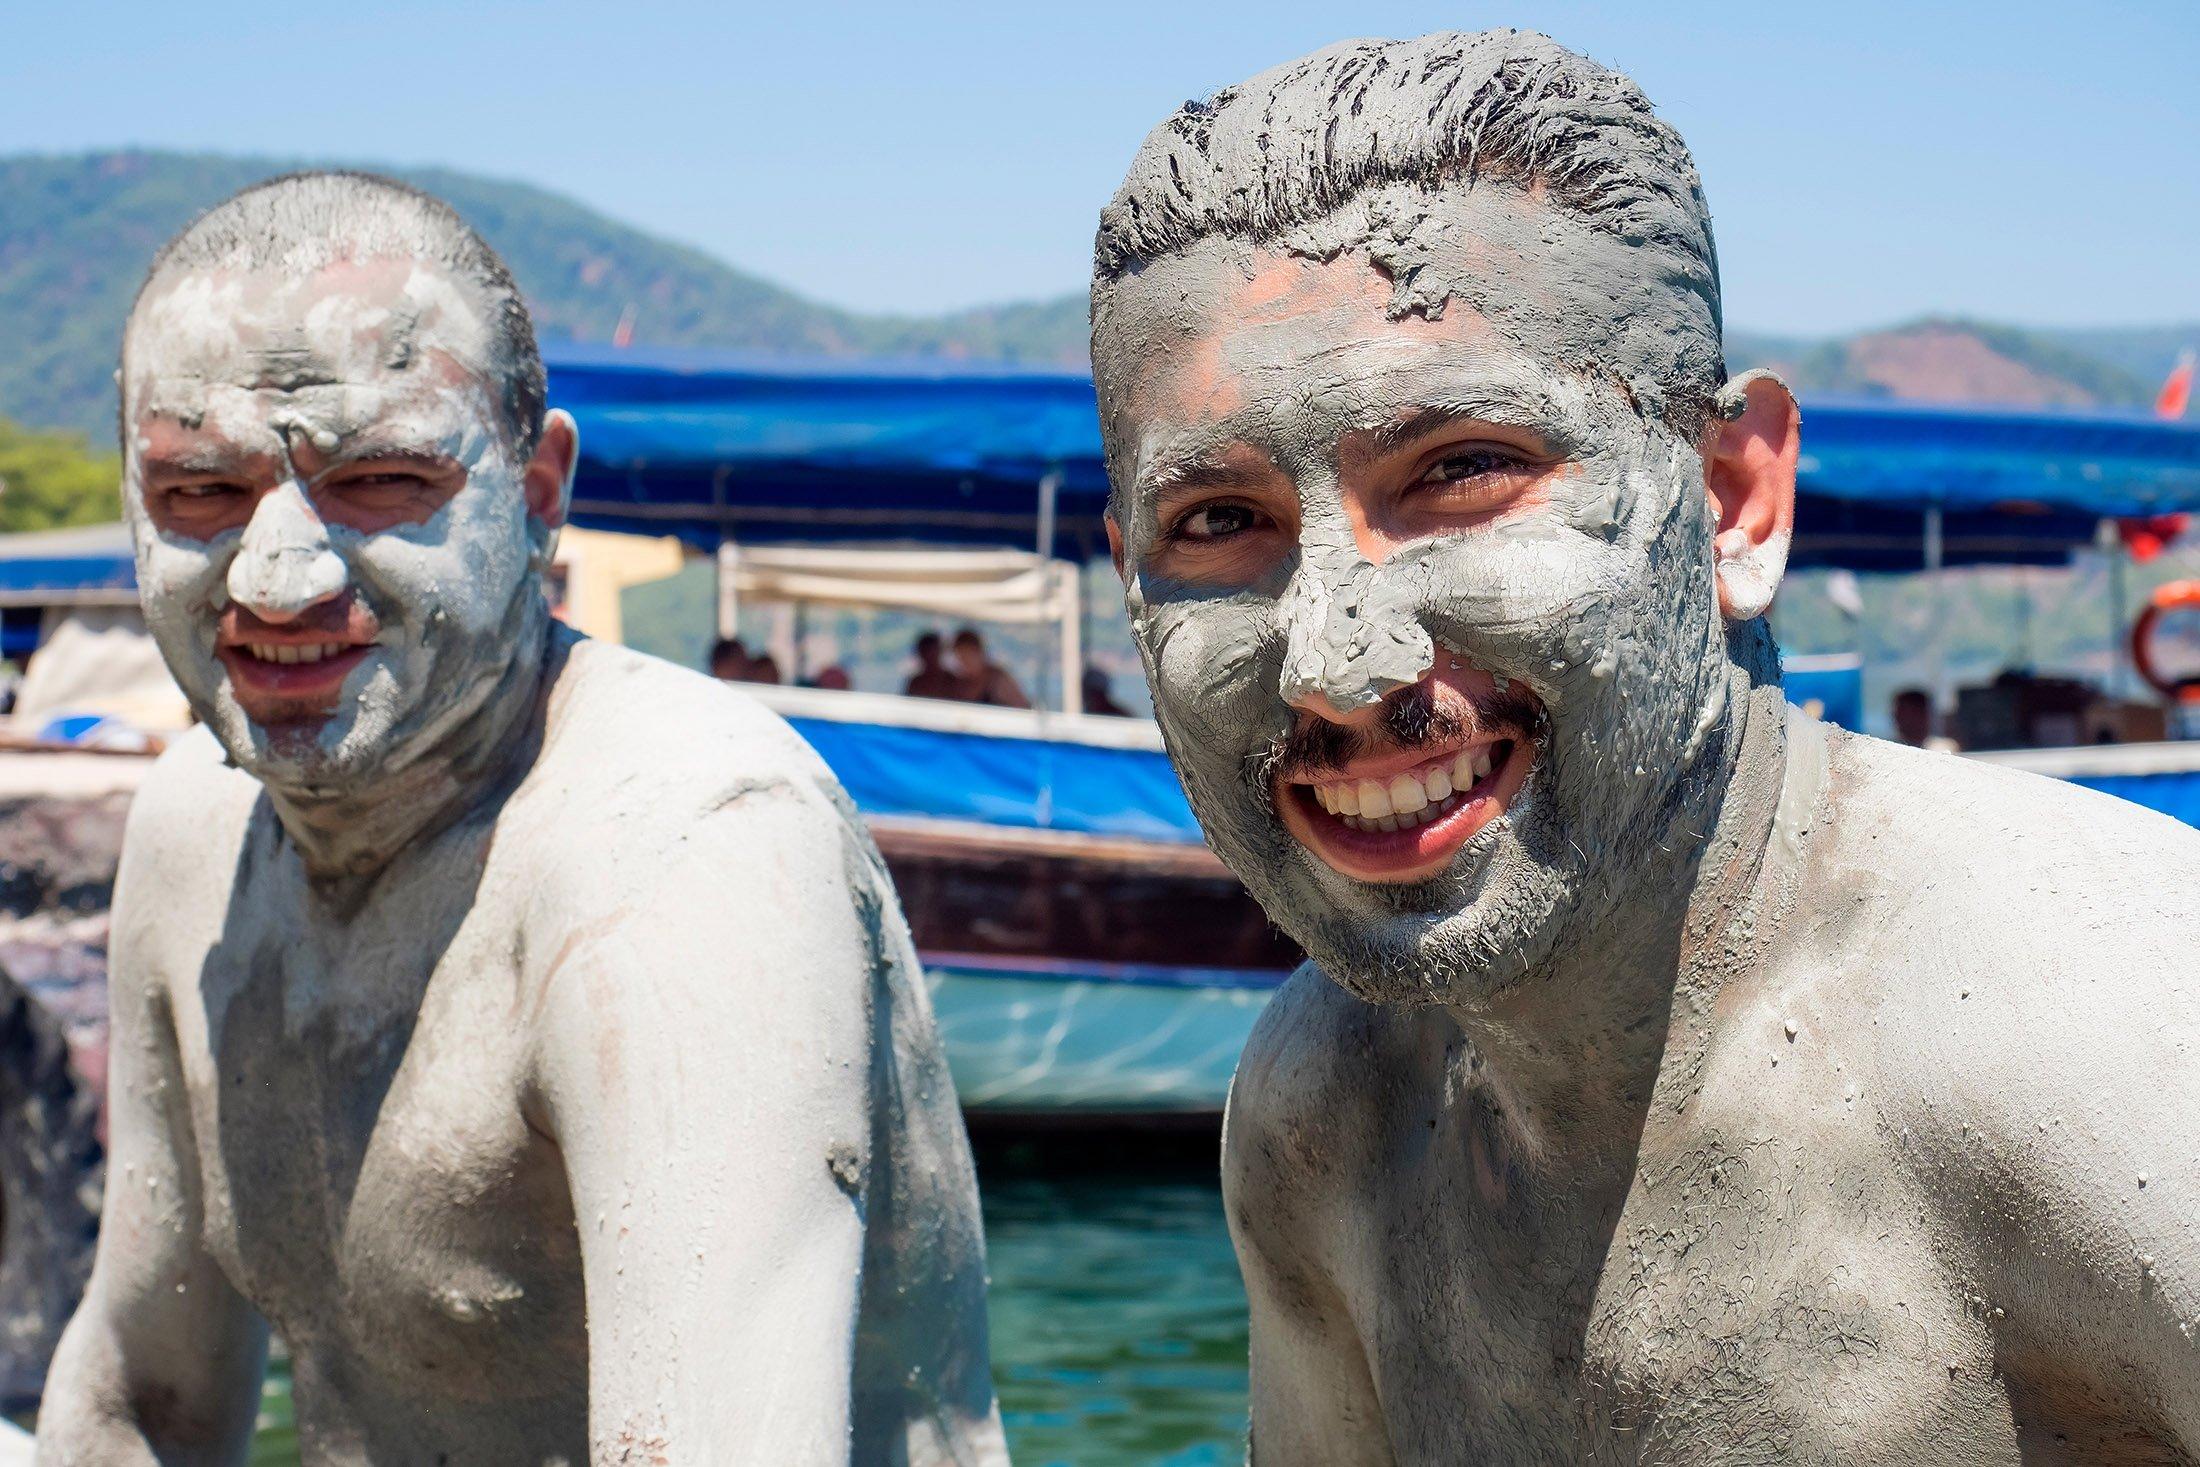 La gente disfruta de los baños de barro en Sultani.  (Foto de Shutterstock)